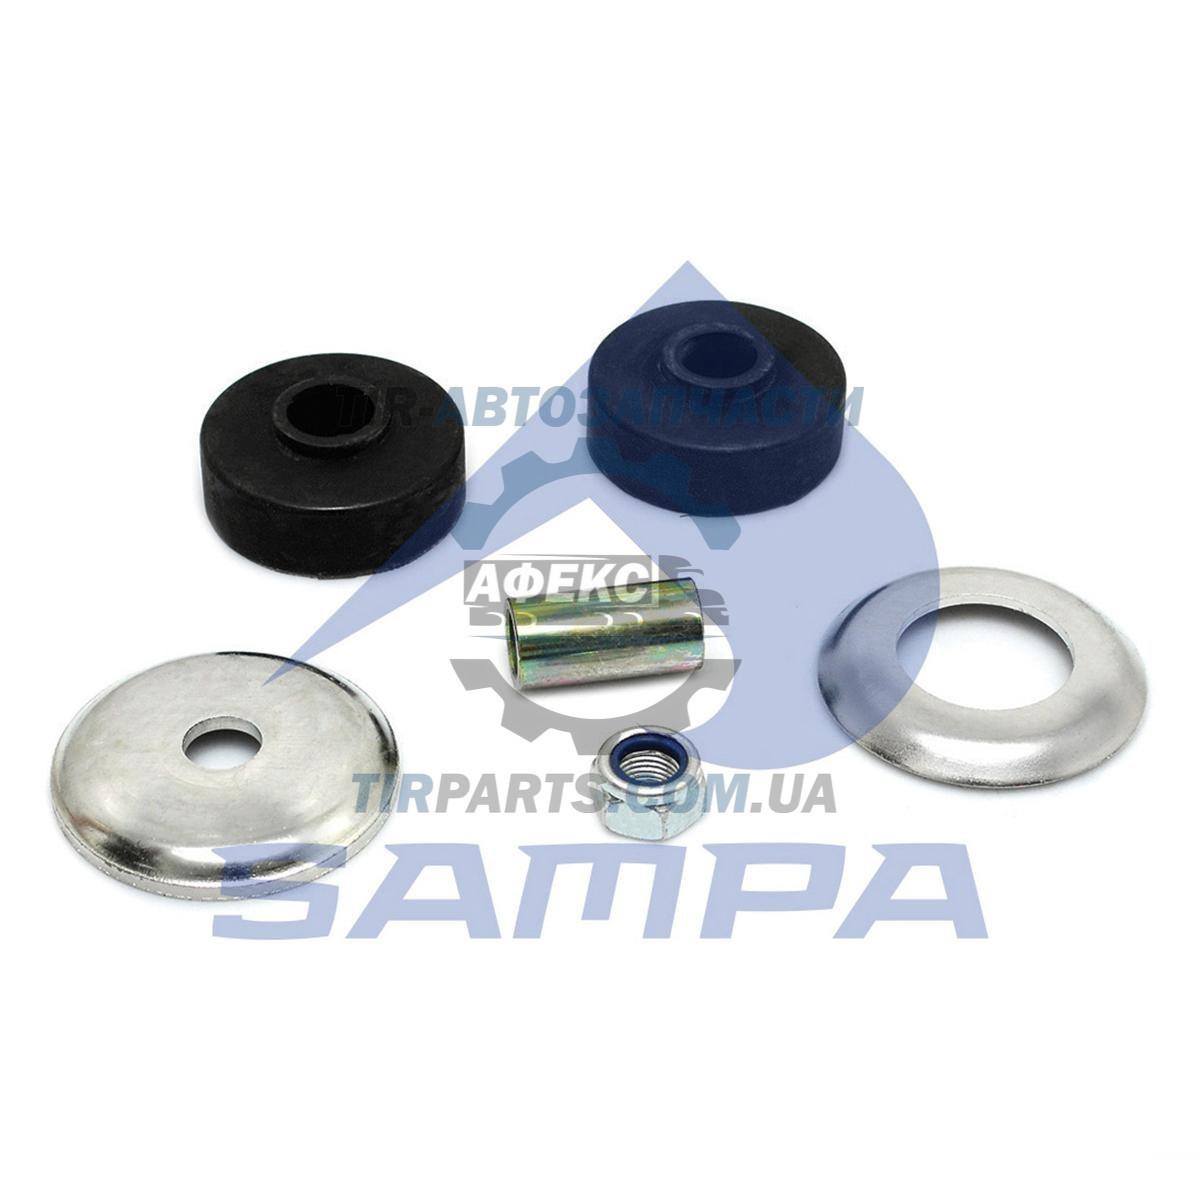 Ремкомплект крепления амортизатора (втулка1, гайка1, шайбы2,резин.втулки2) Scania P / R-Serie AM / AMA